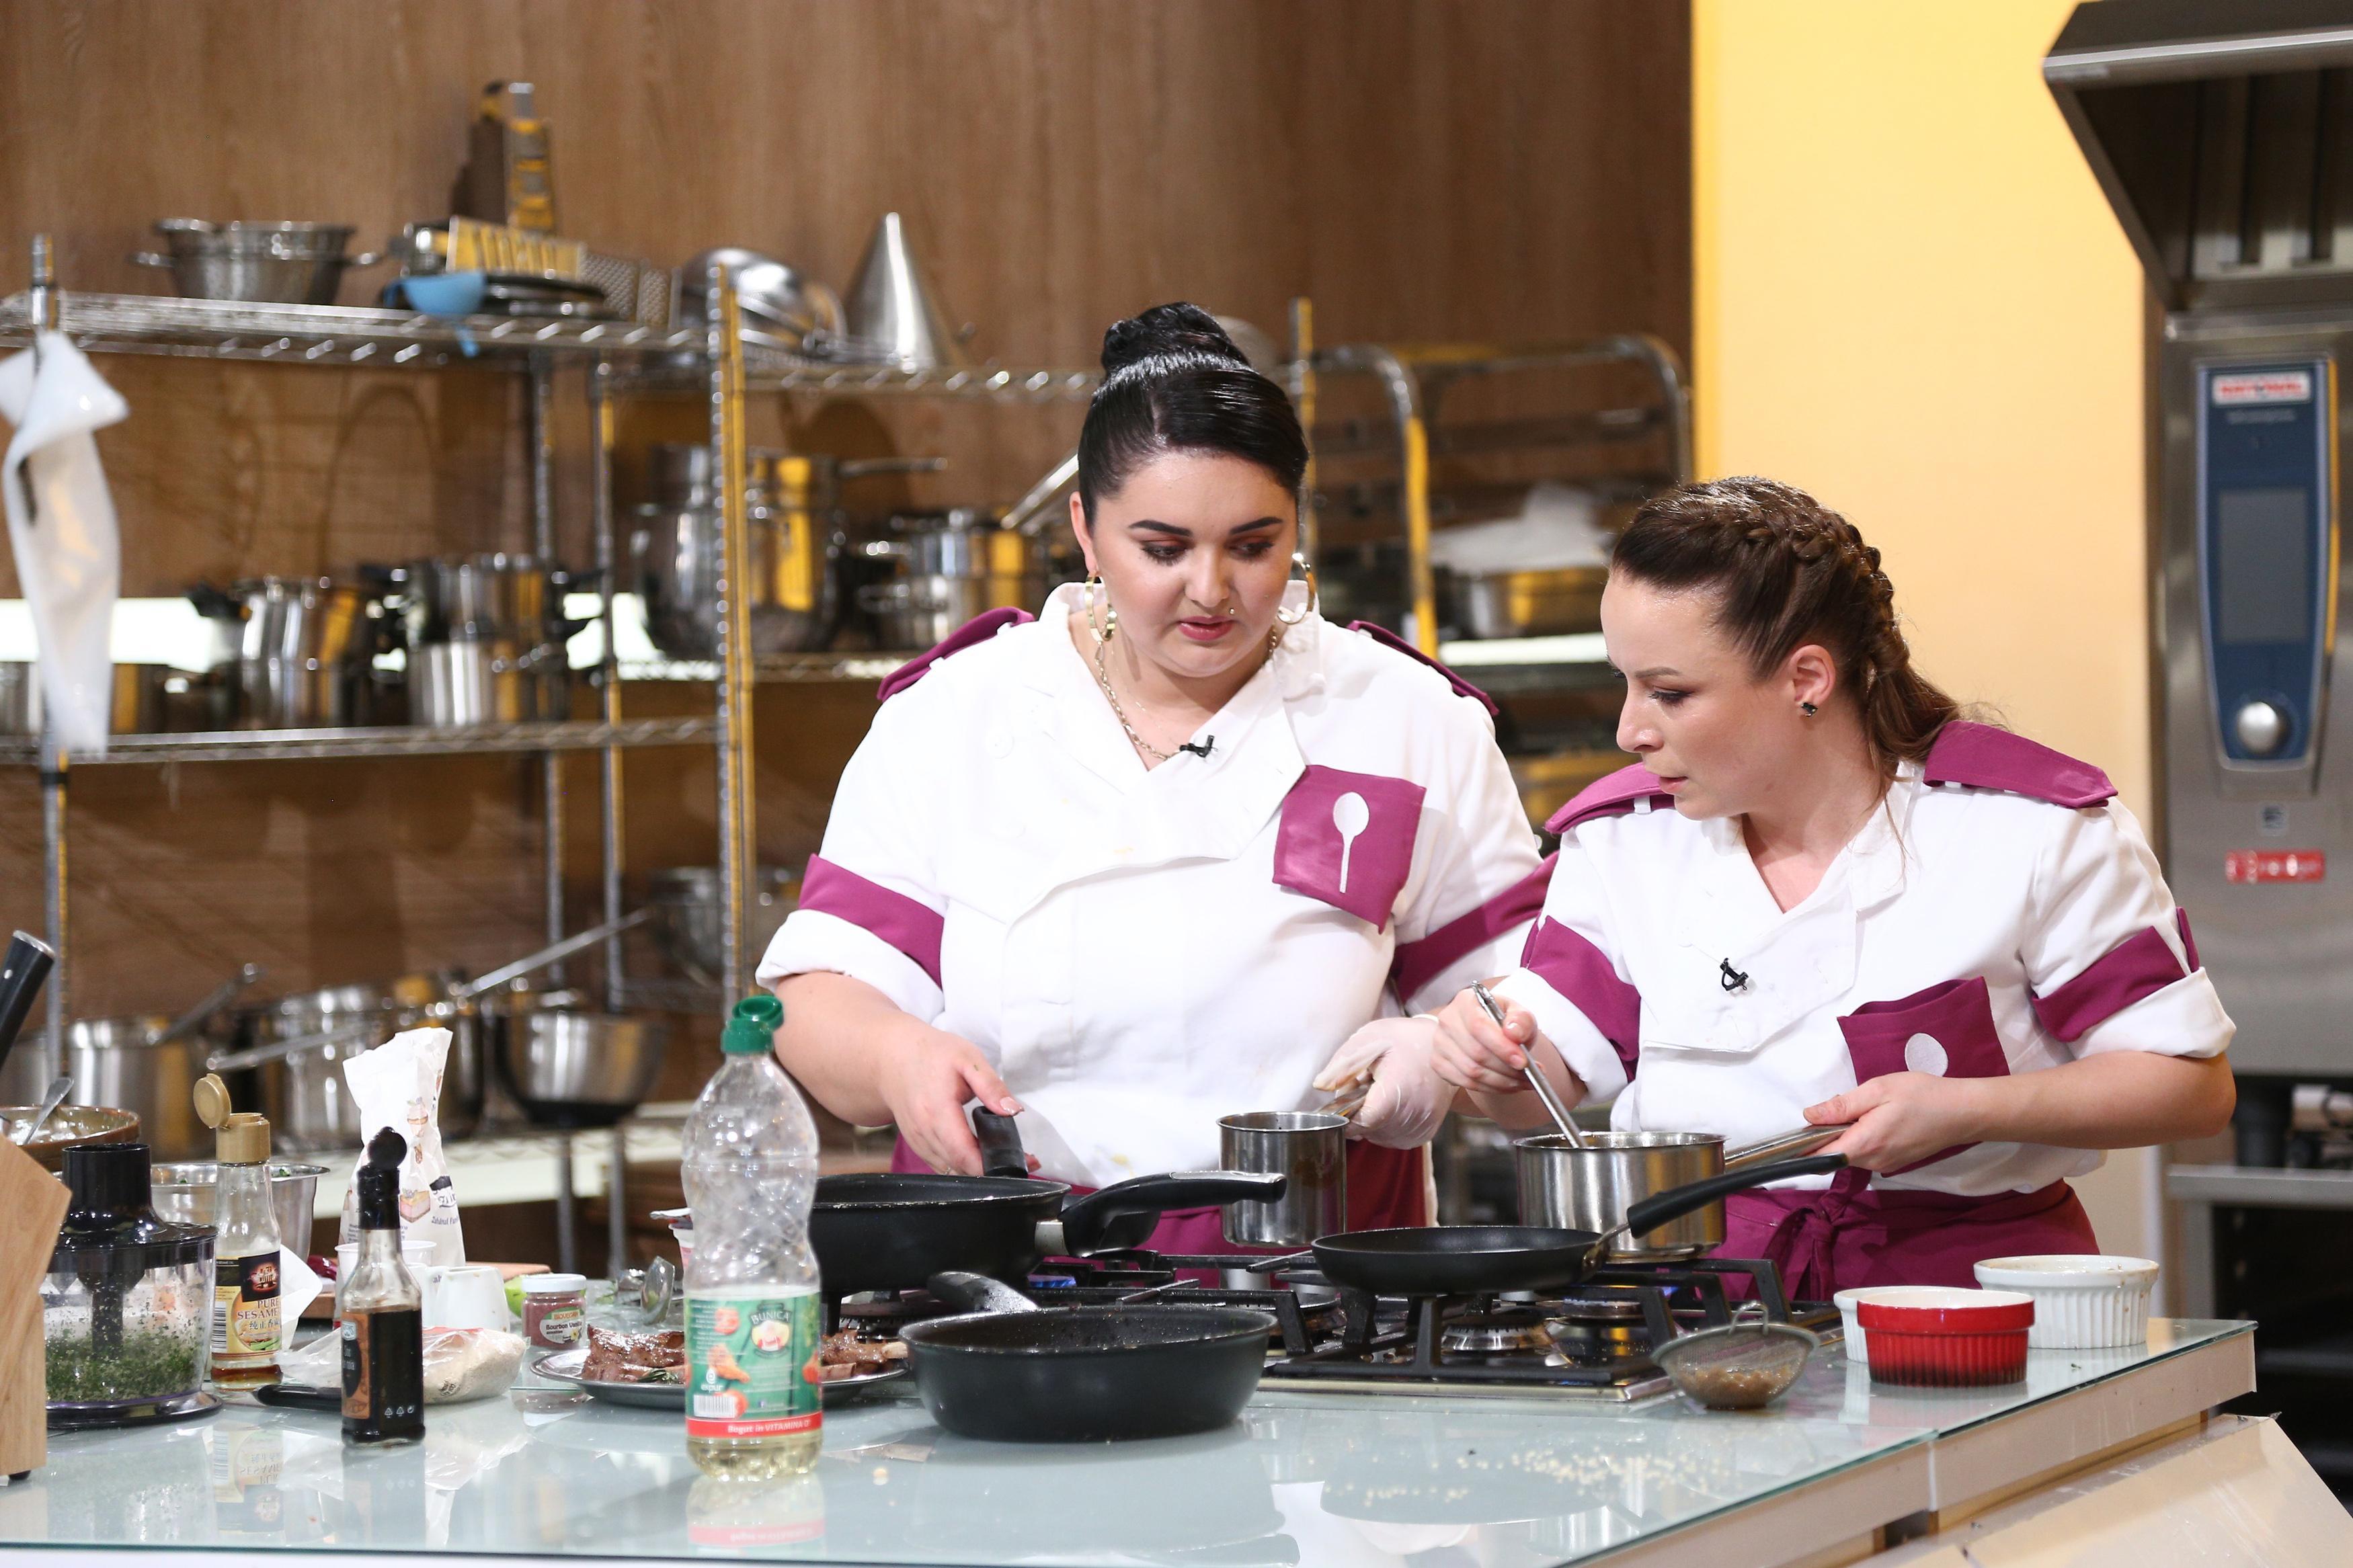 Chefi la cuțite, 8 iunie 2021. Narcisa Birjaru, schimb de replici acide în bucătărie. Ce i-a spus Valentinei Ioniță (Lebăduța)